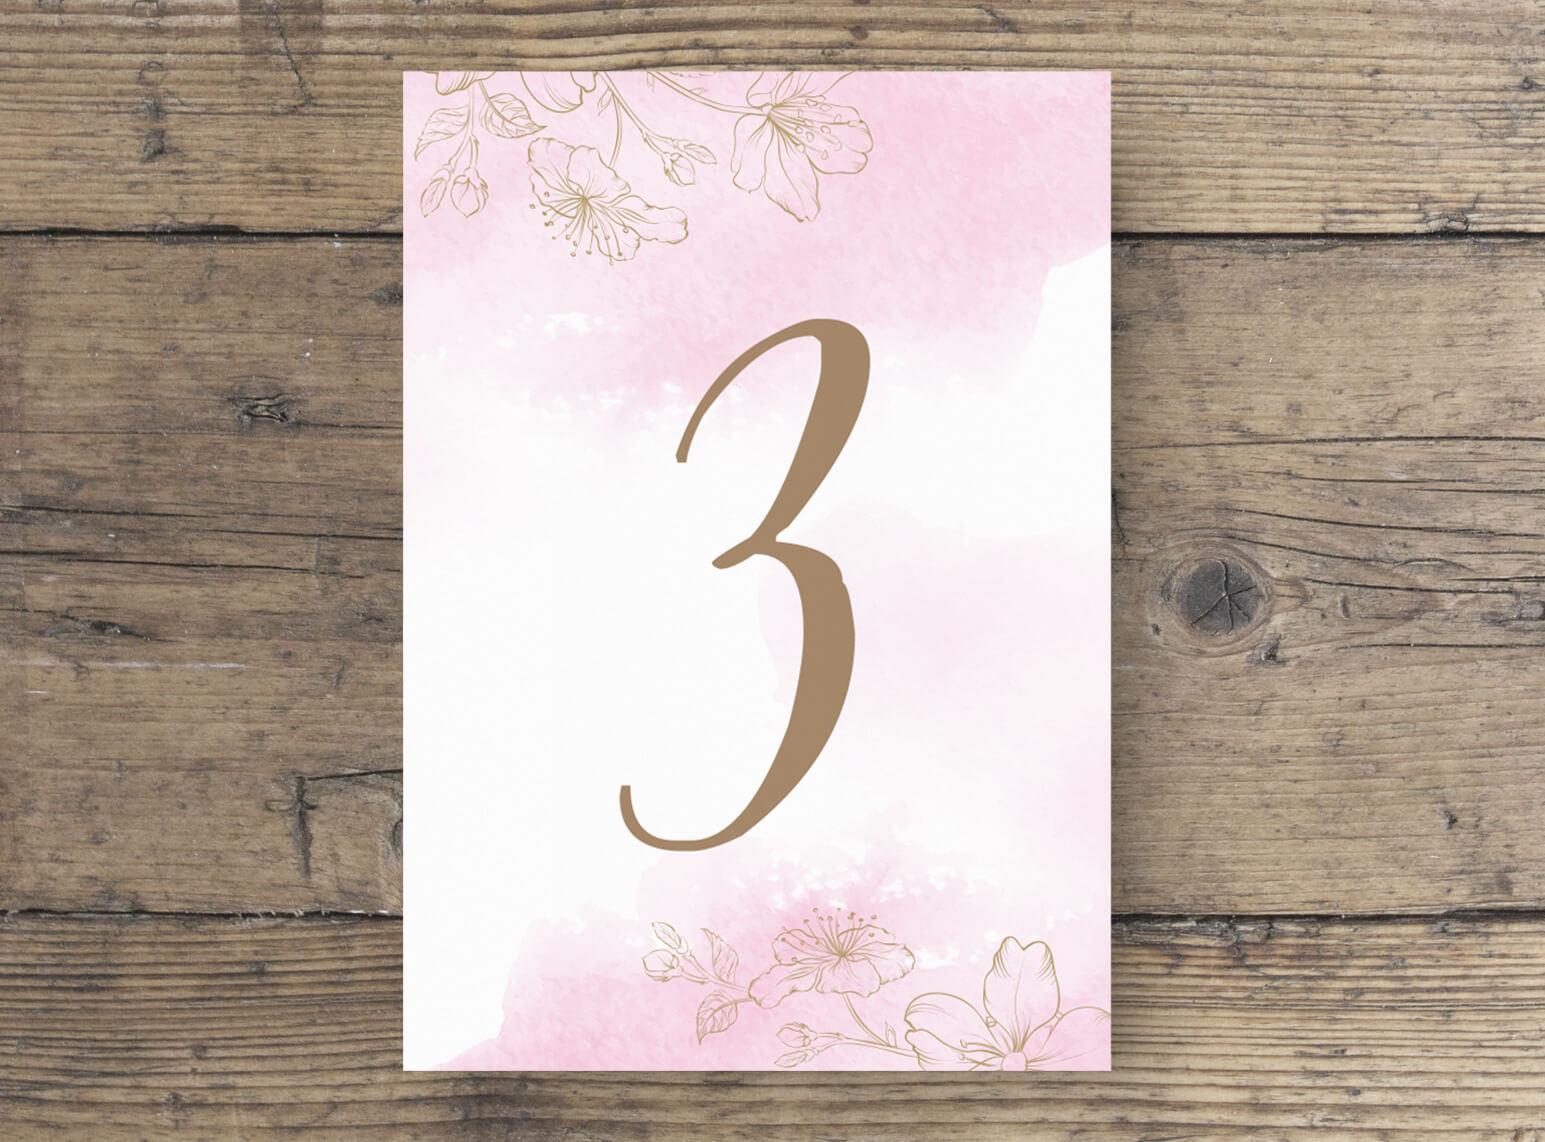 hochzeit tischnummer kirschblüten rosa weiß goldn